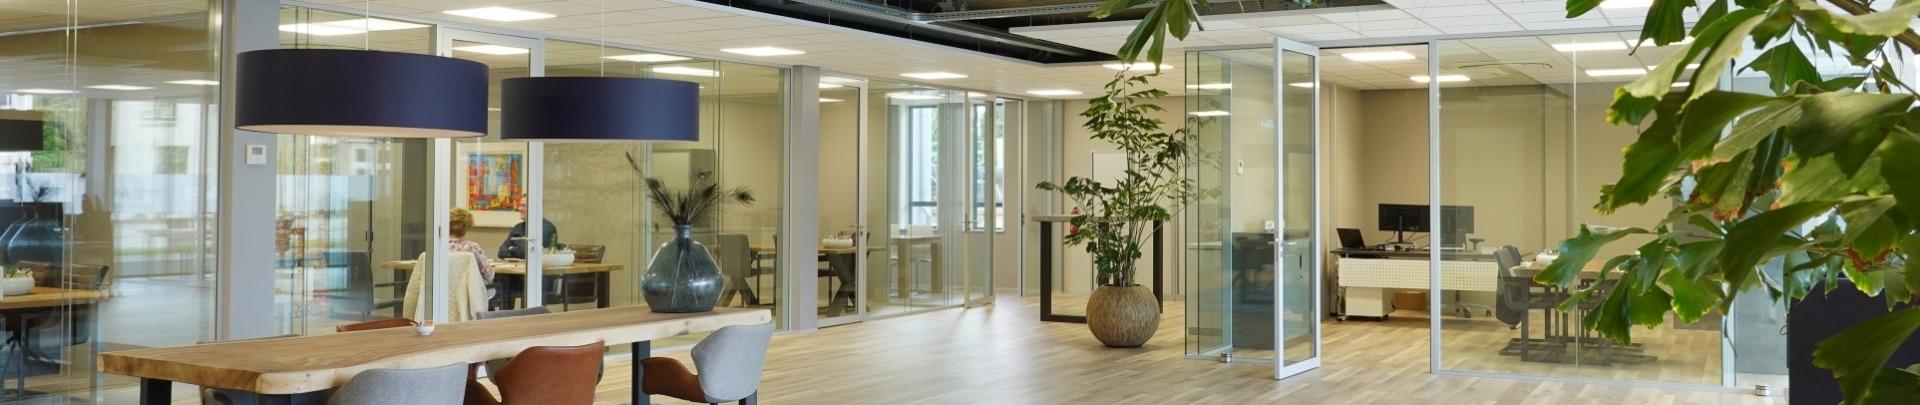 Reijersen kantoor 1